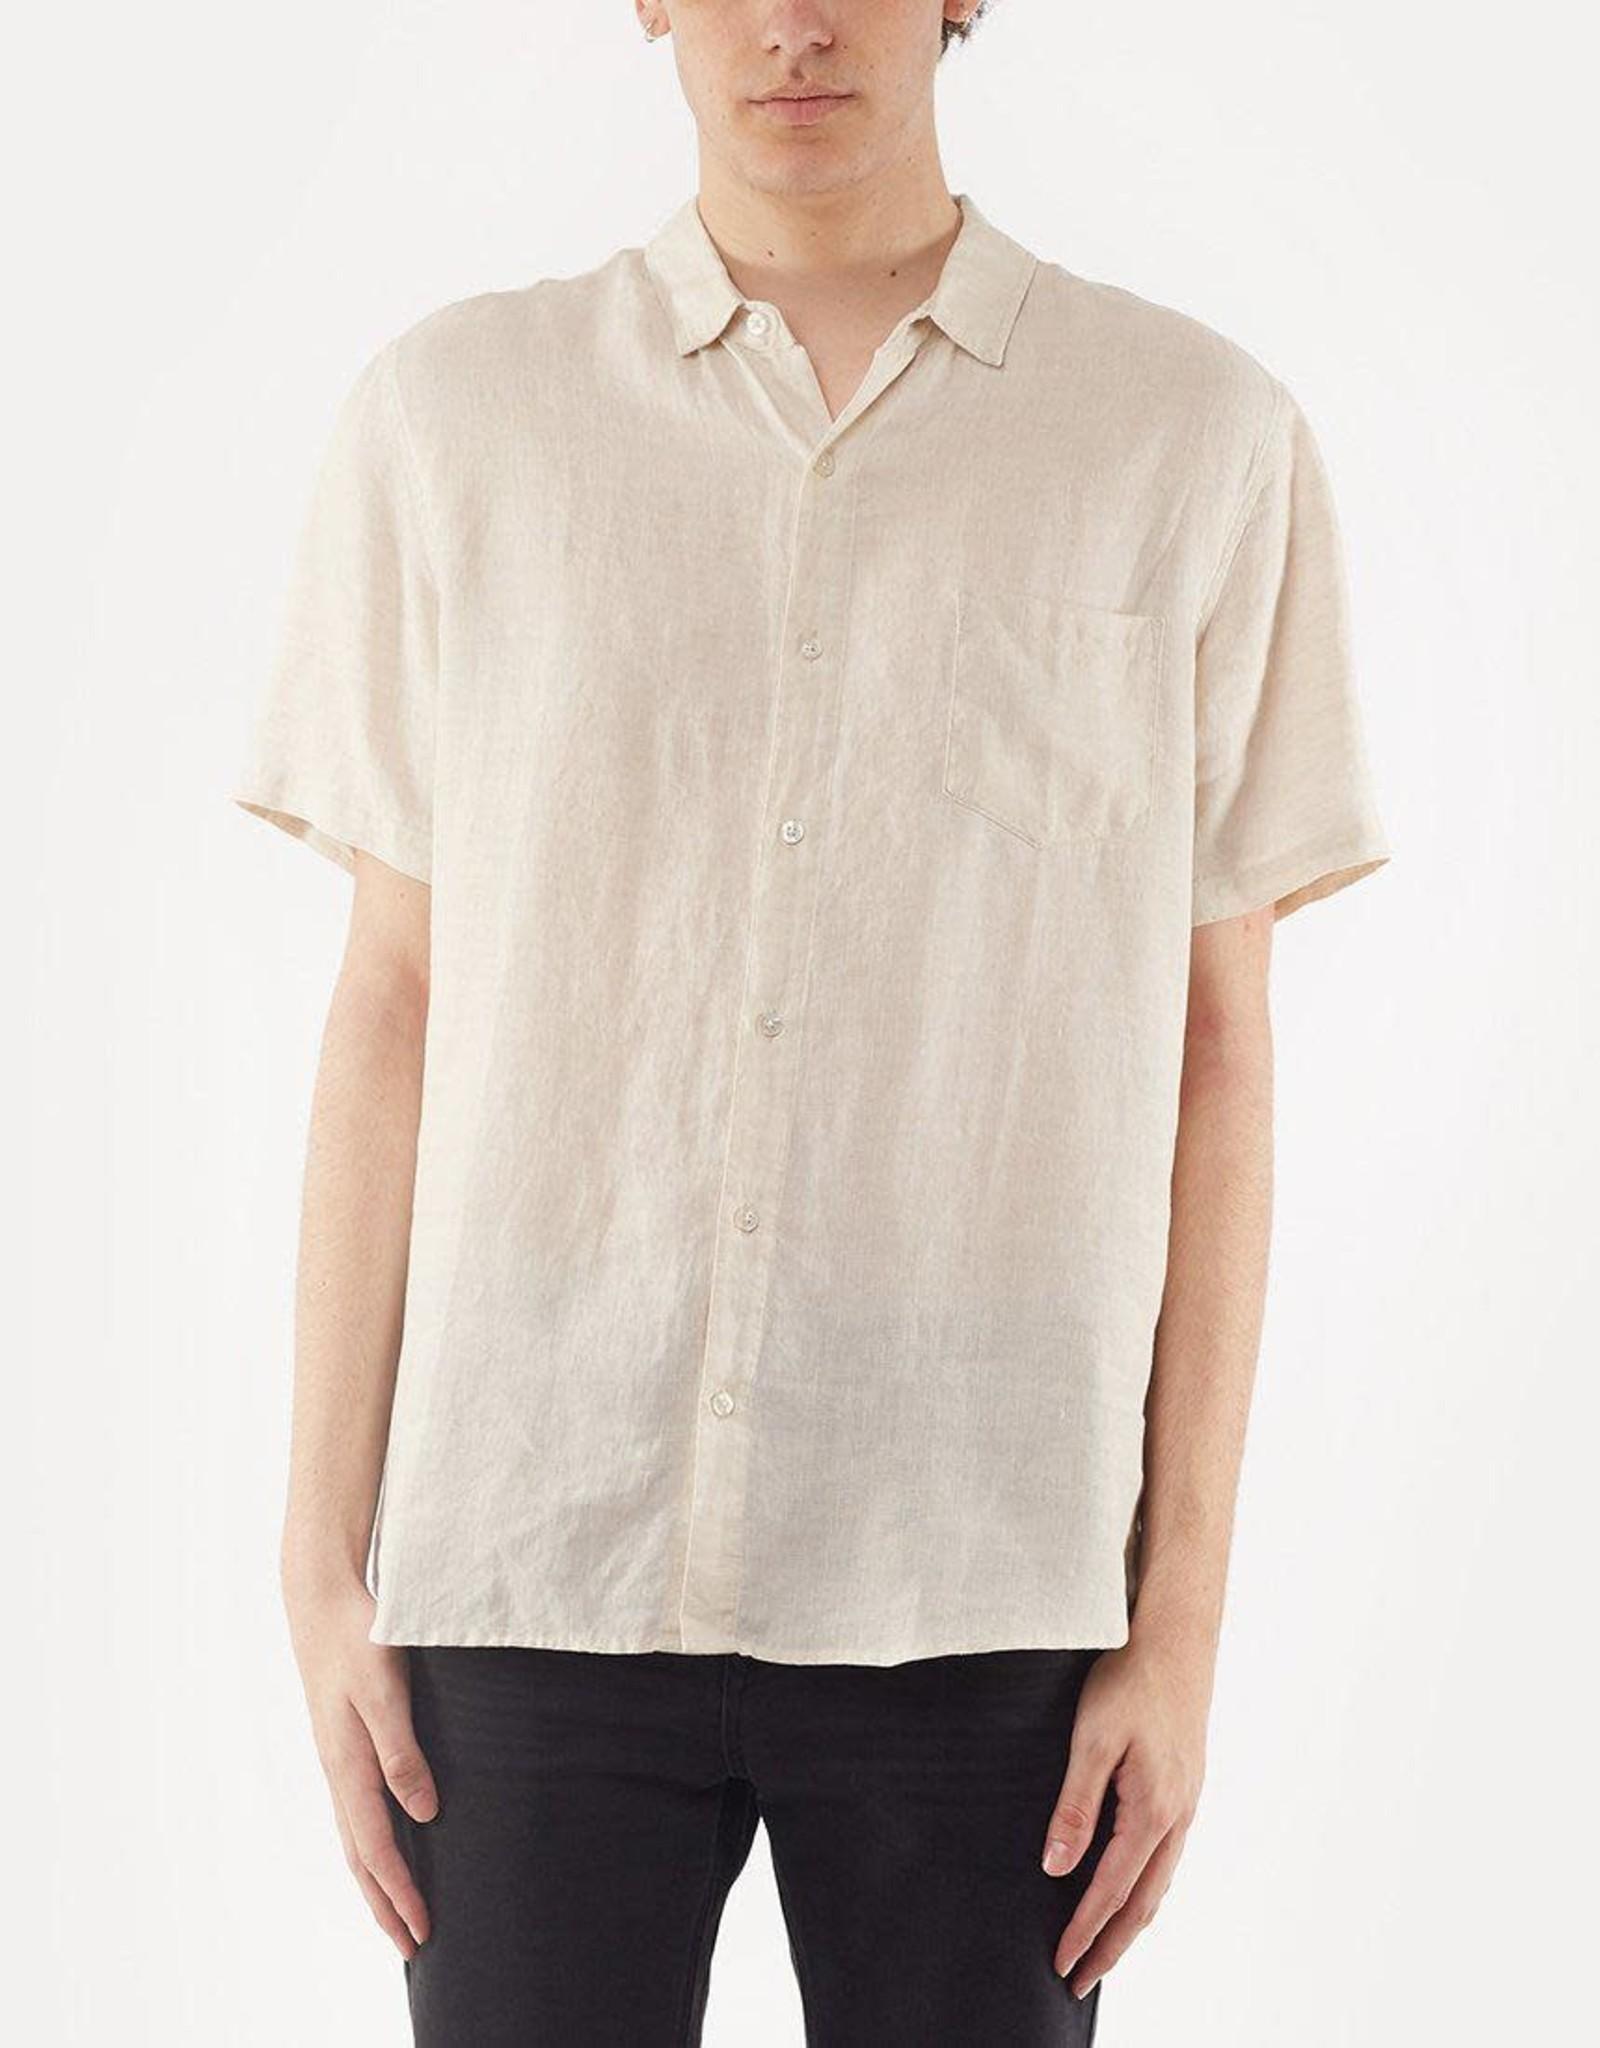 SILENT THEORY Linen SS Shirt